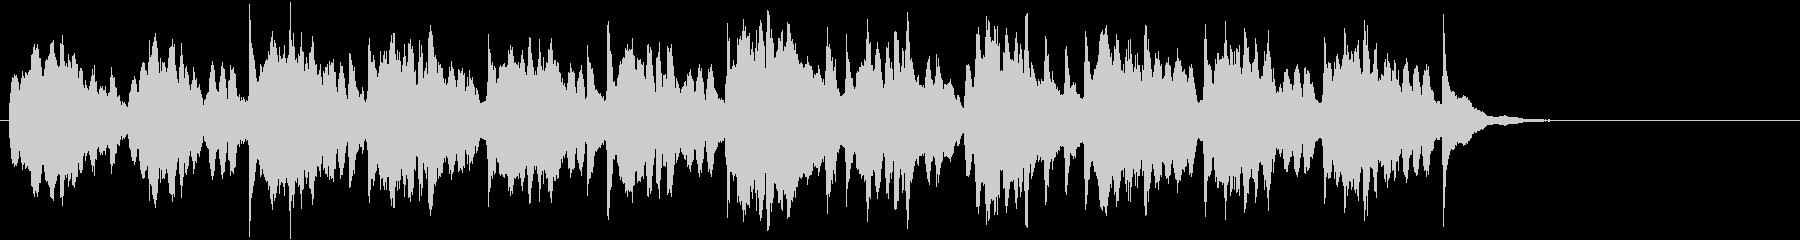 幻想的な音色のインスト曲の未再生の波形